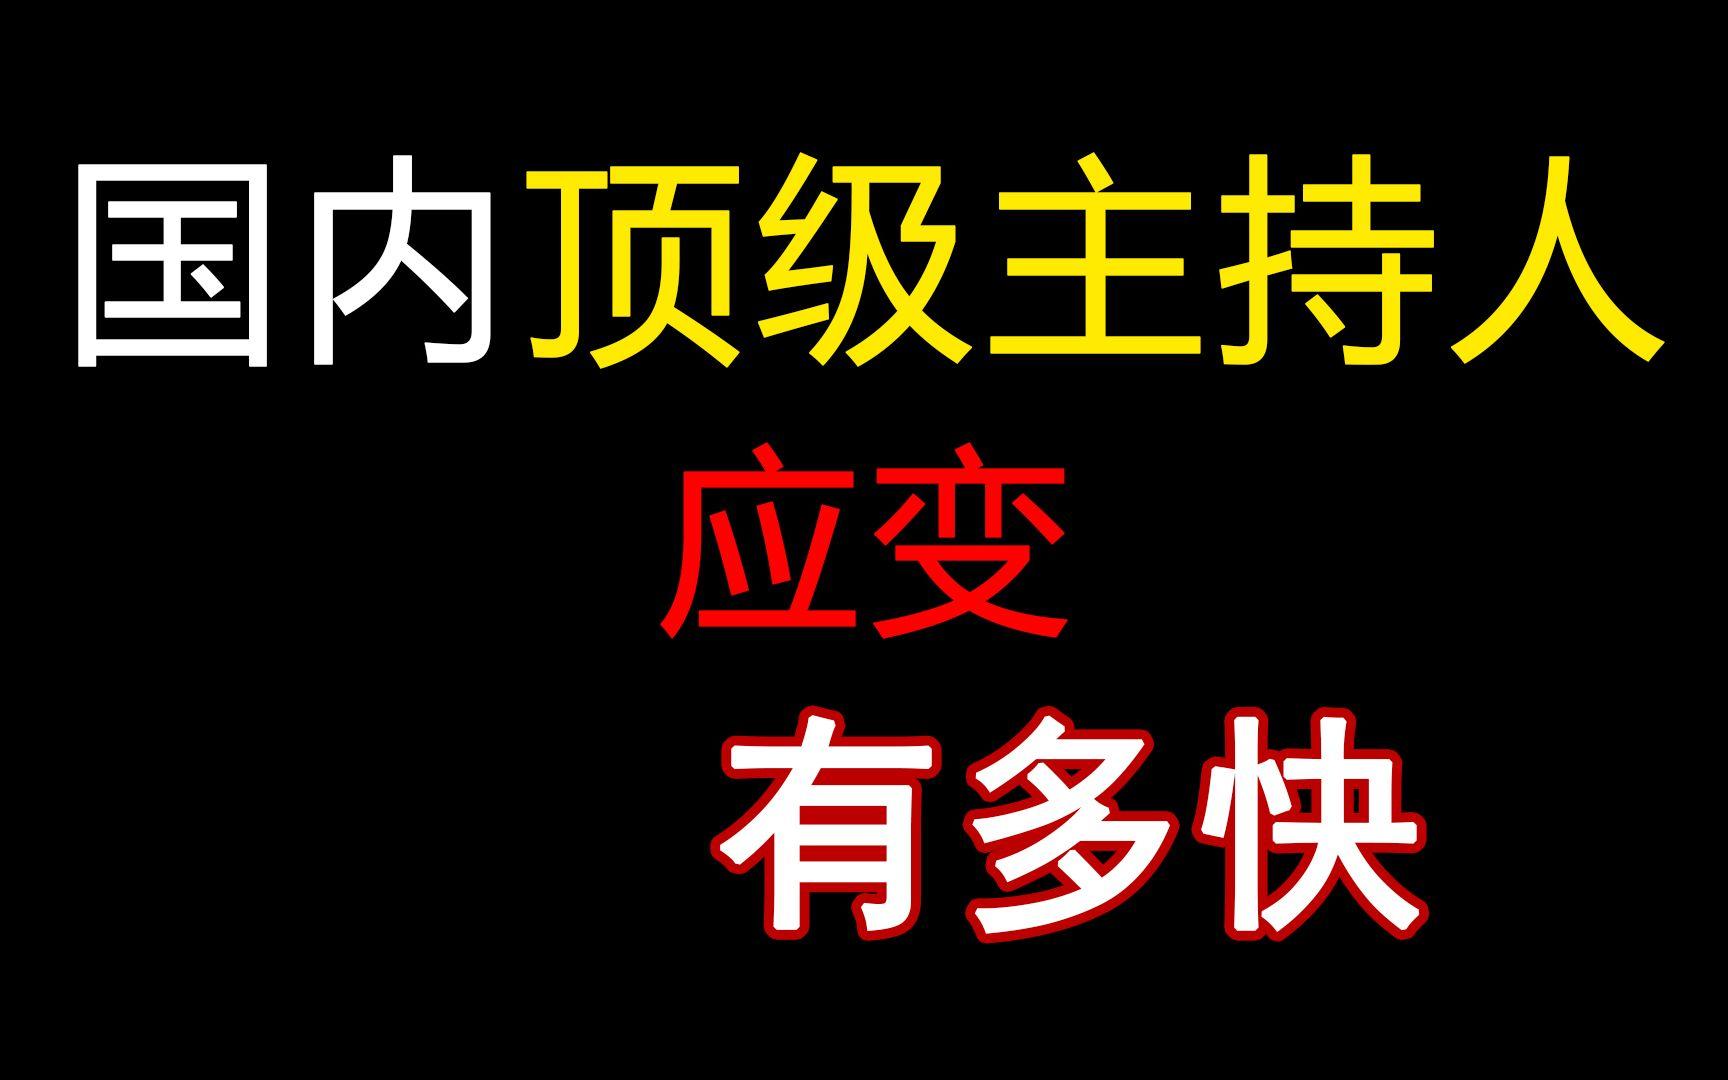 【名场面】中国顶级主持人的反应能有多快, 看完真怀疑他们长了8个脑袋!